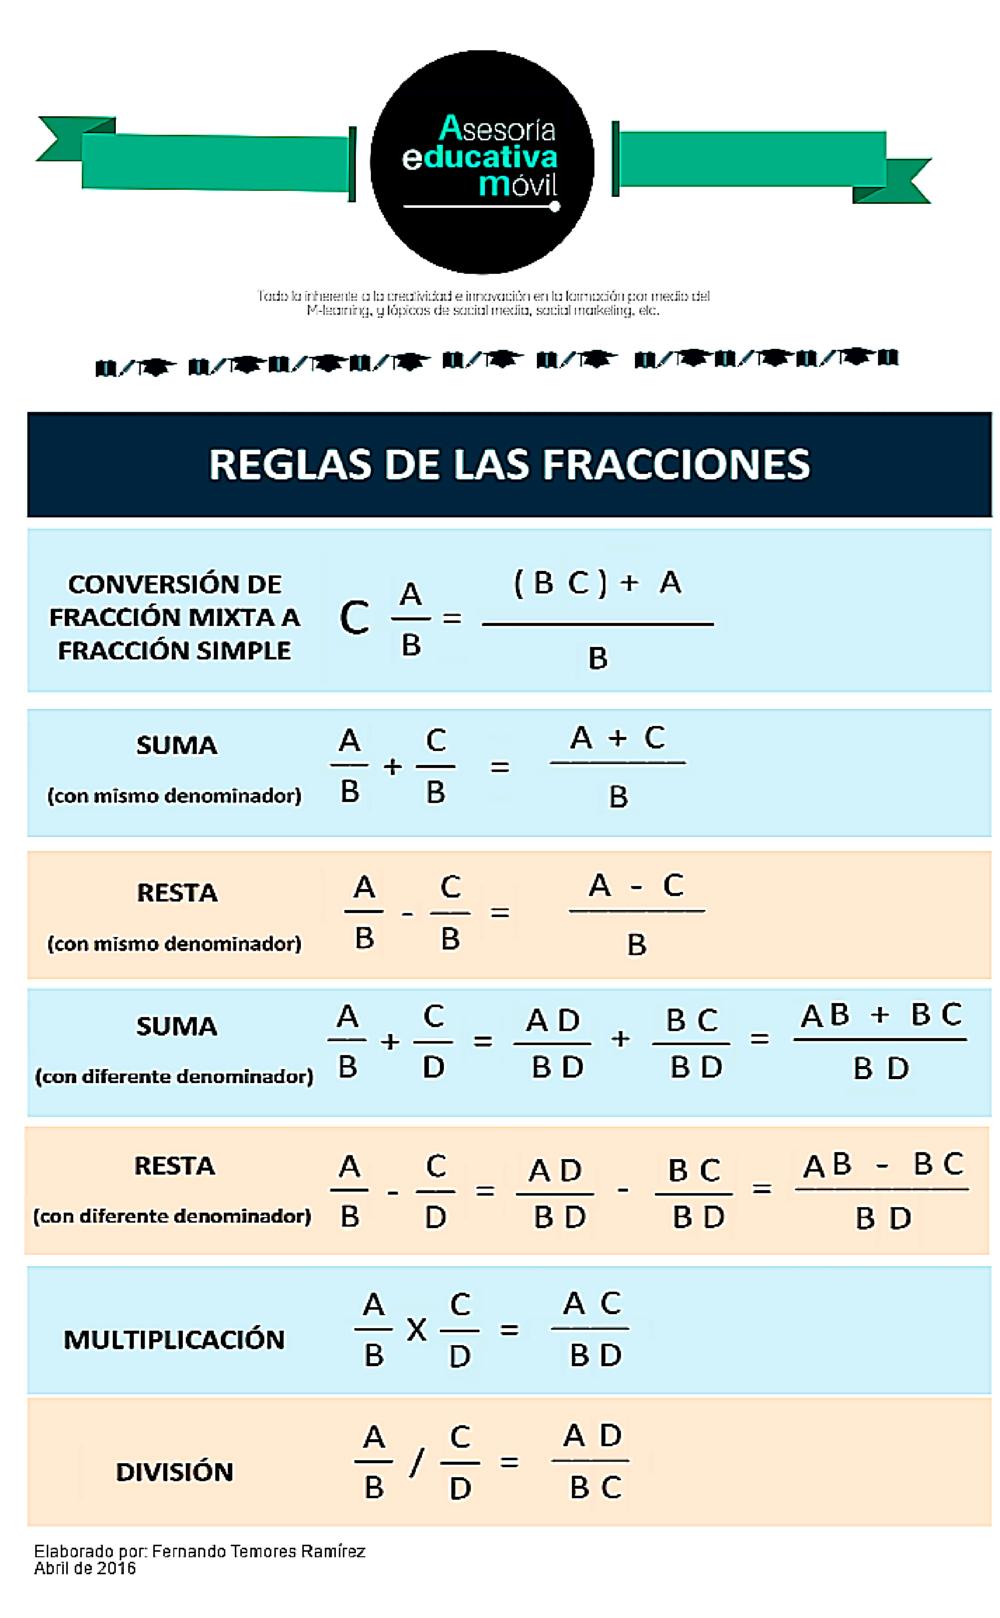 AsesoríaEMóvíl | Reglas de las #fracciones / #aritmética | maht ...